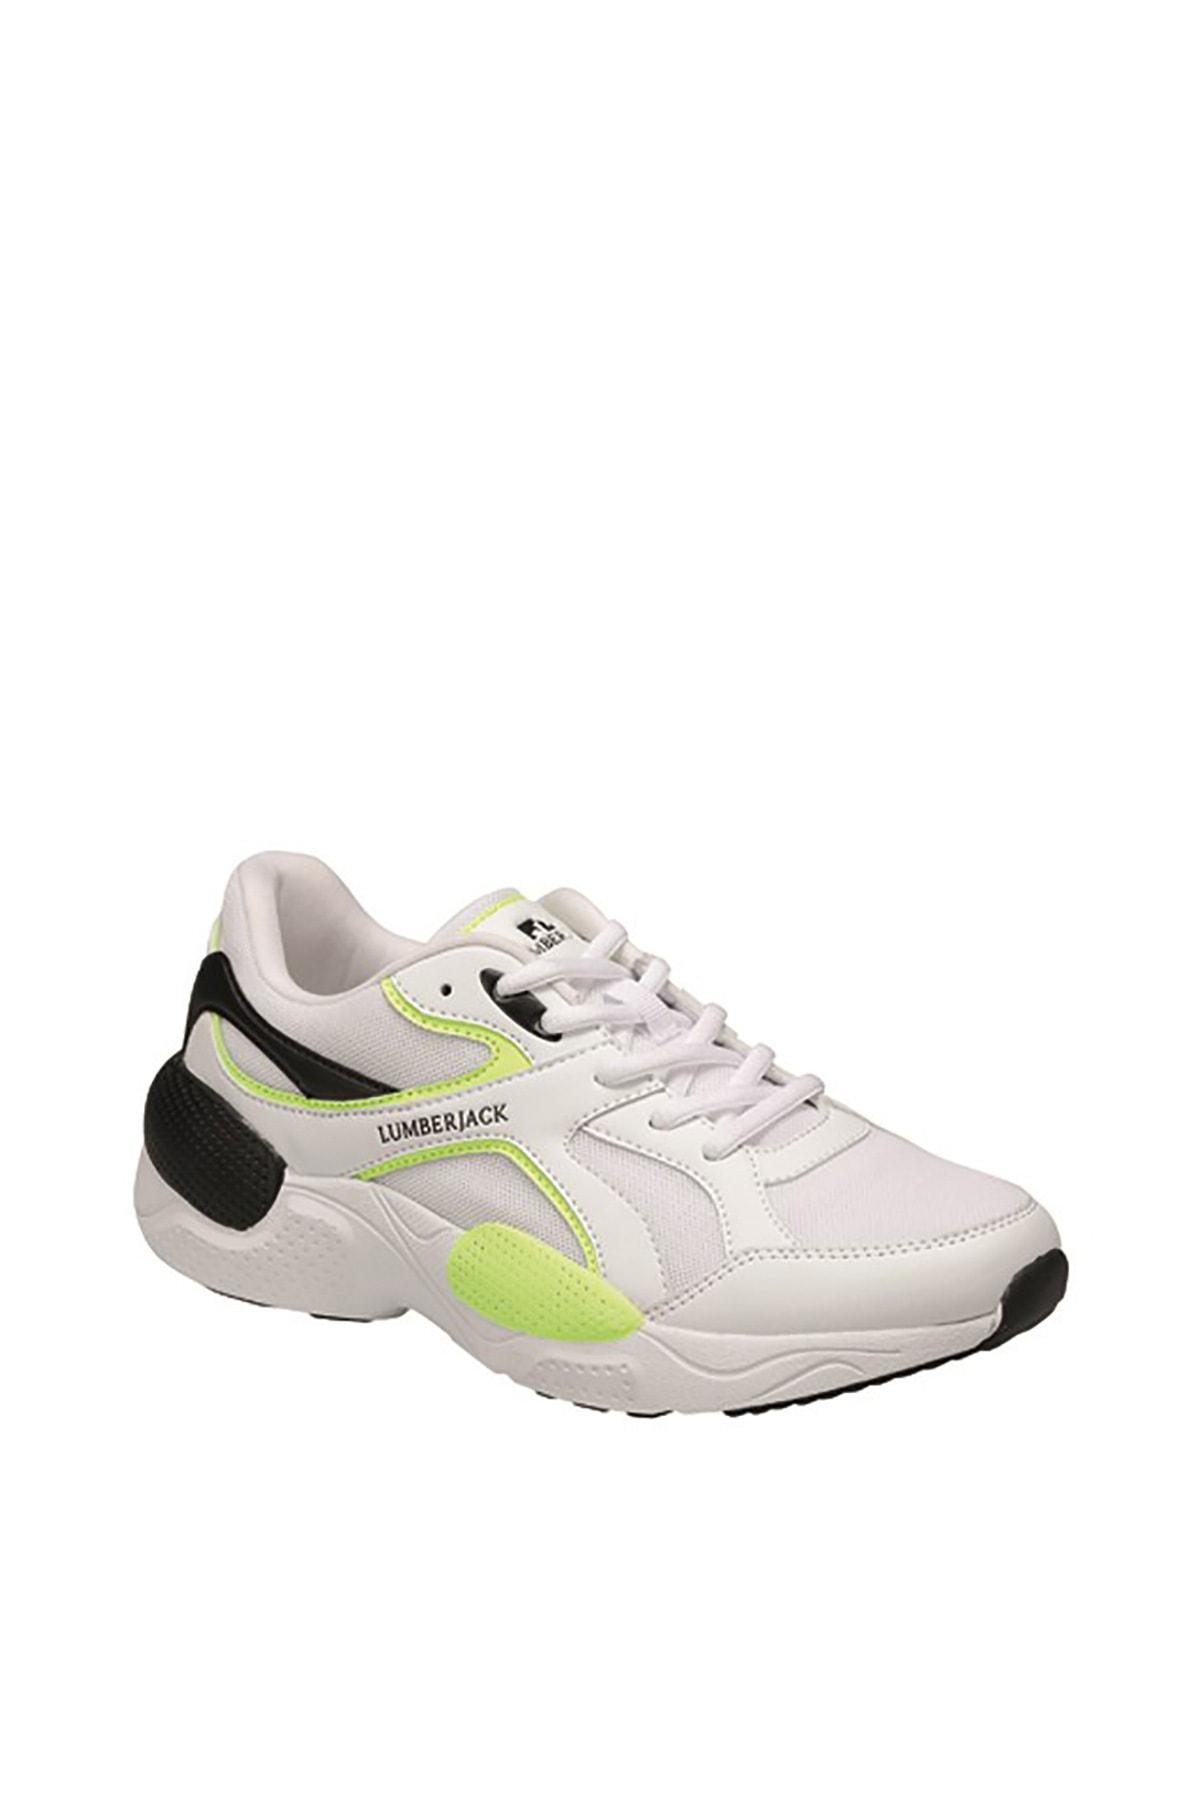 lumberjack NEWTON Beyaz Erkek Koşu Ayakkabısı 100497672 1